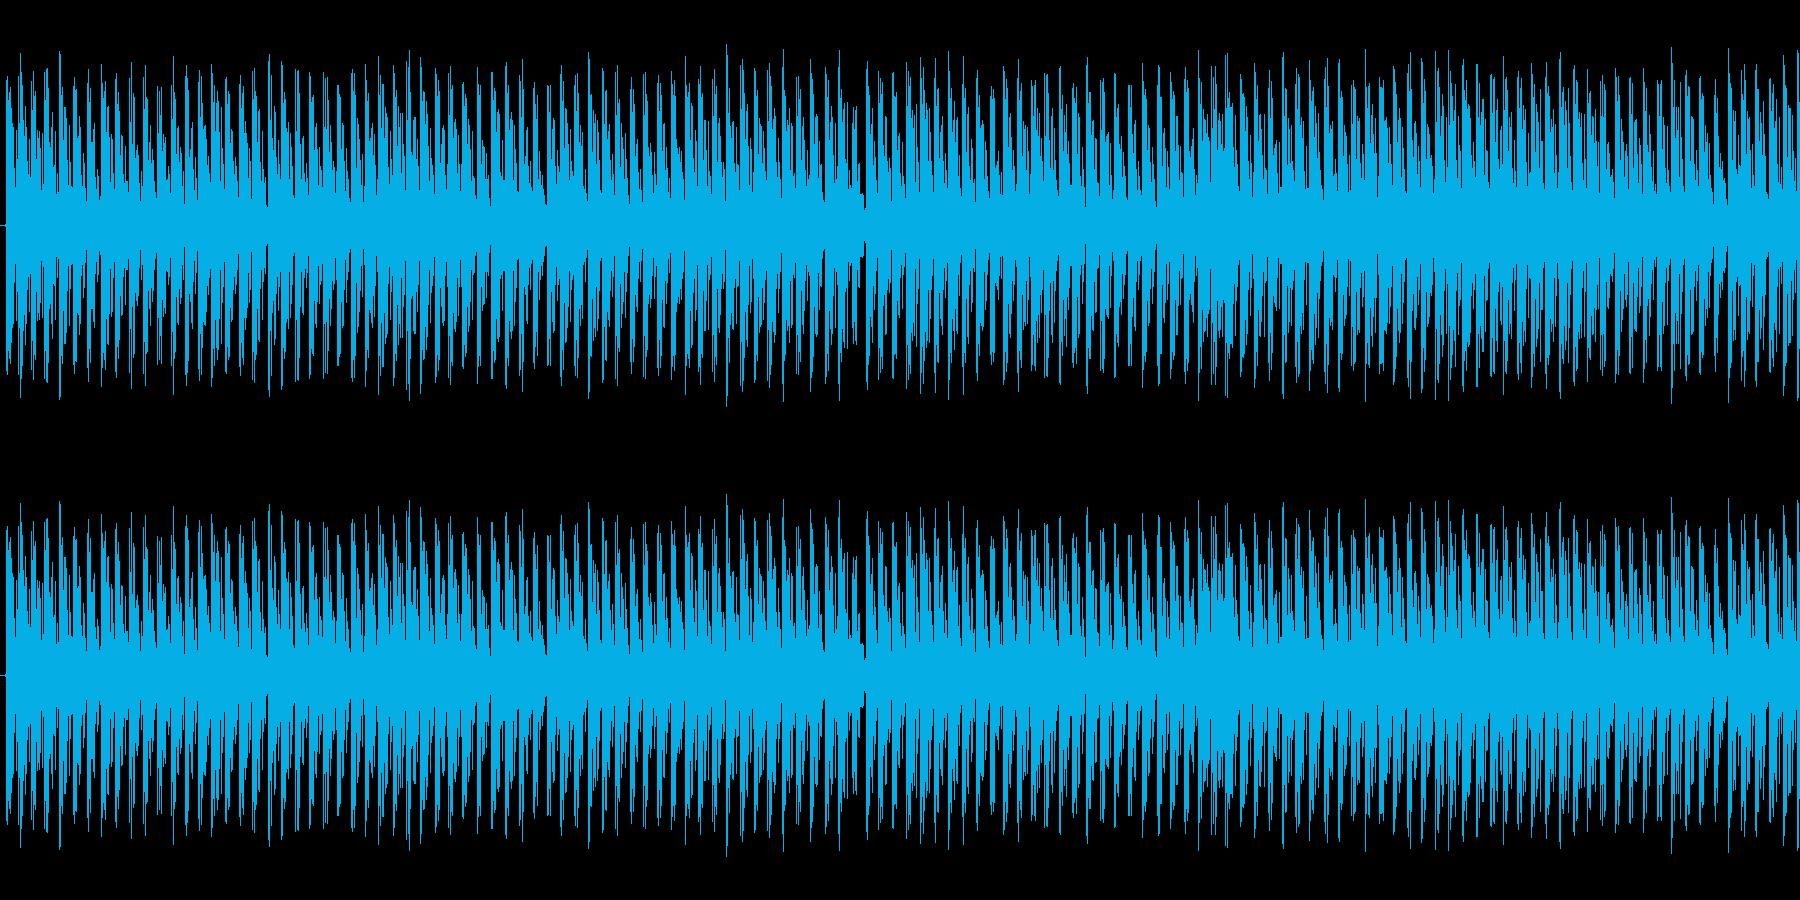 水たまりの上を走っているかのような音ですの再生済みの波形